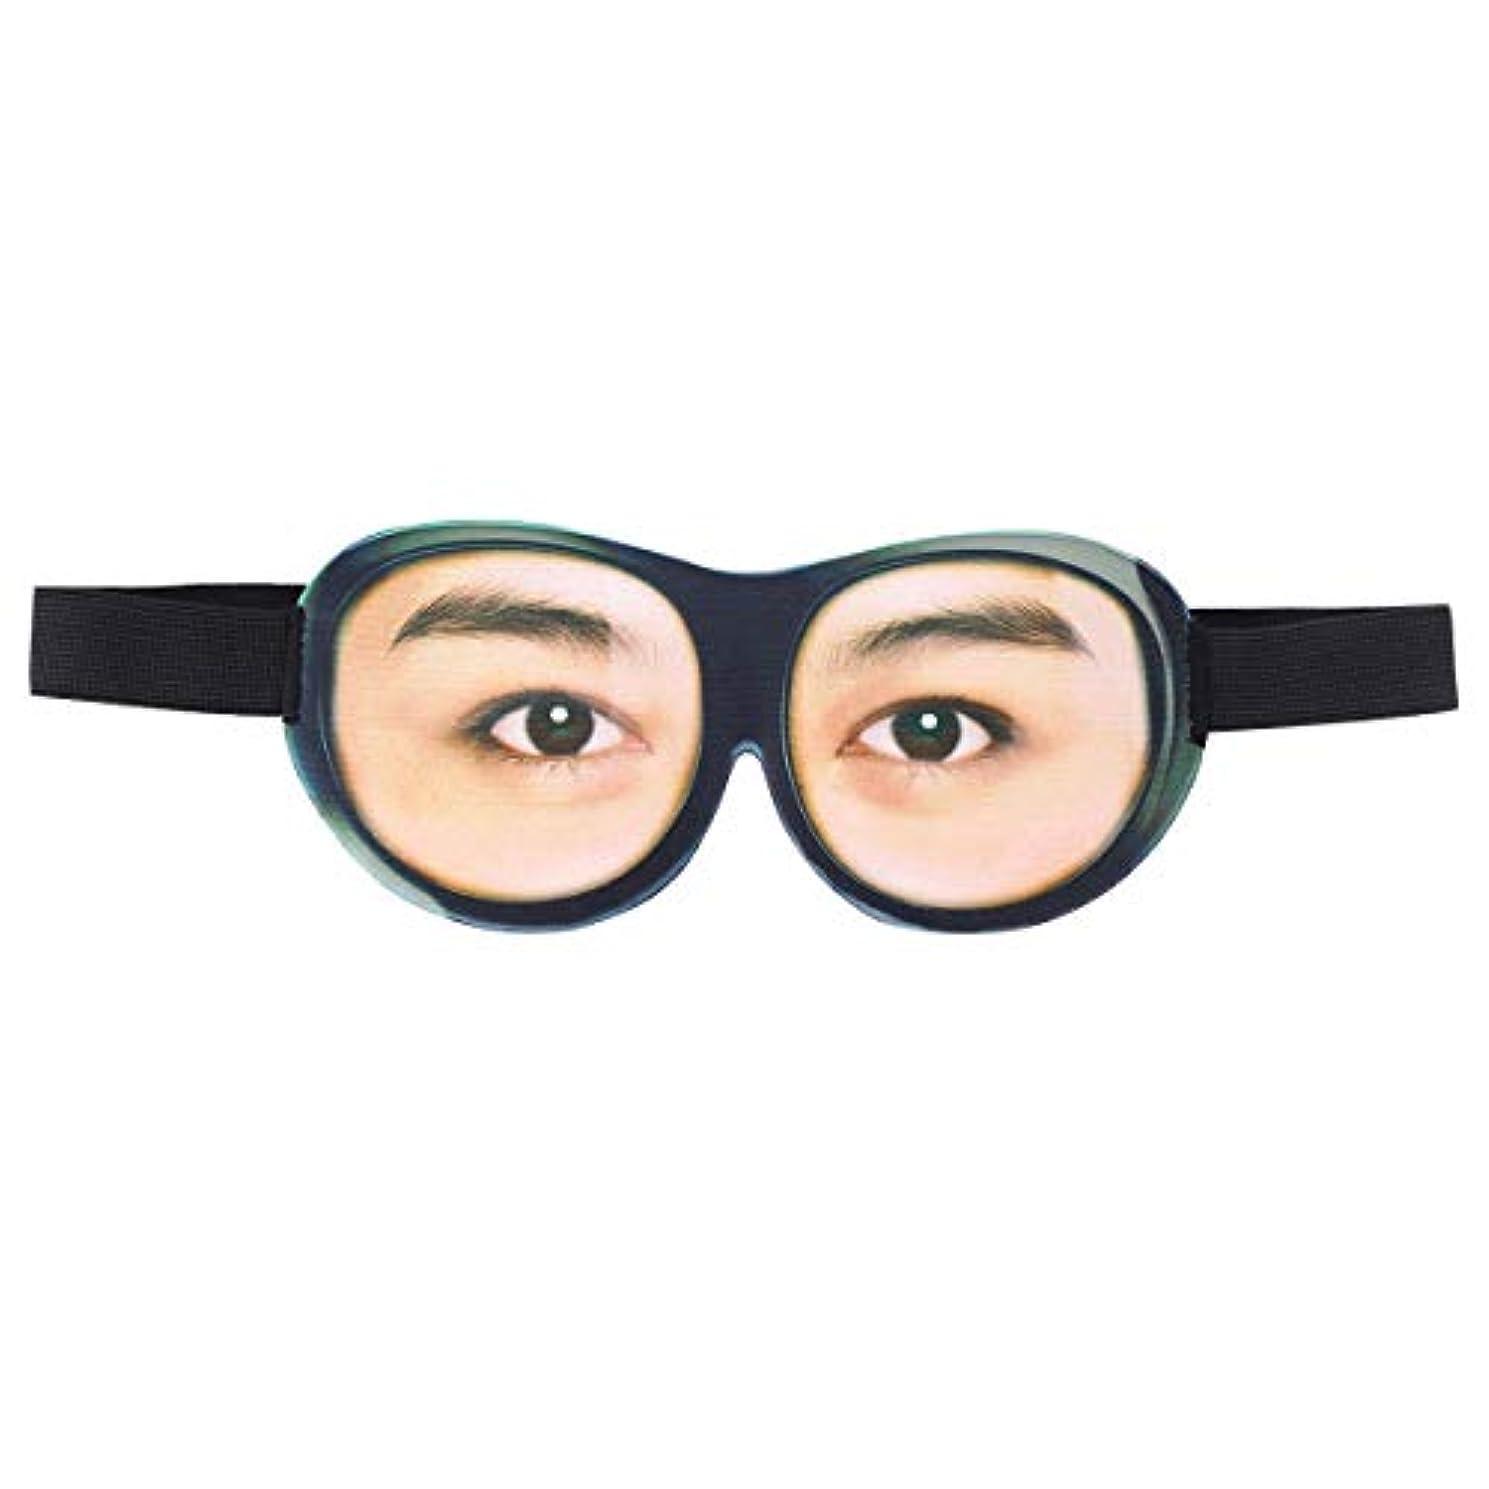 発動機摩擦日没Healifty 3D面白いアイシェード睡眠マスク旅行アイマスク目隠し睡眠ヘルパーアイシェード男性女性旅行昼寝と深い眠り(優しいふりをする)